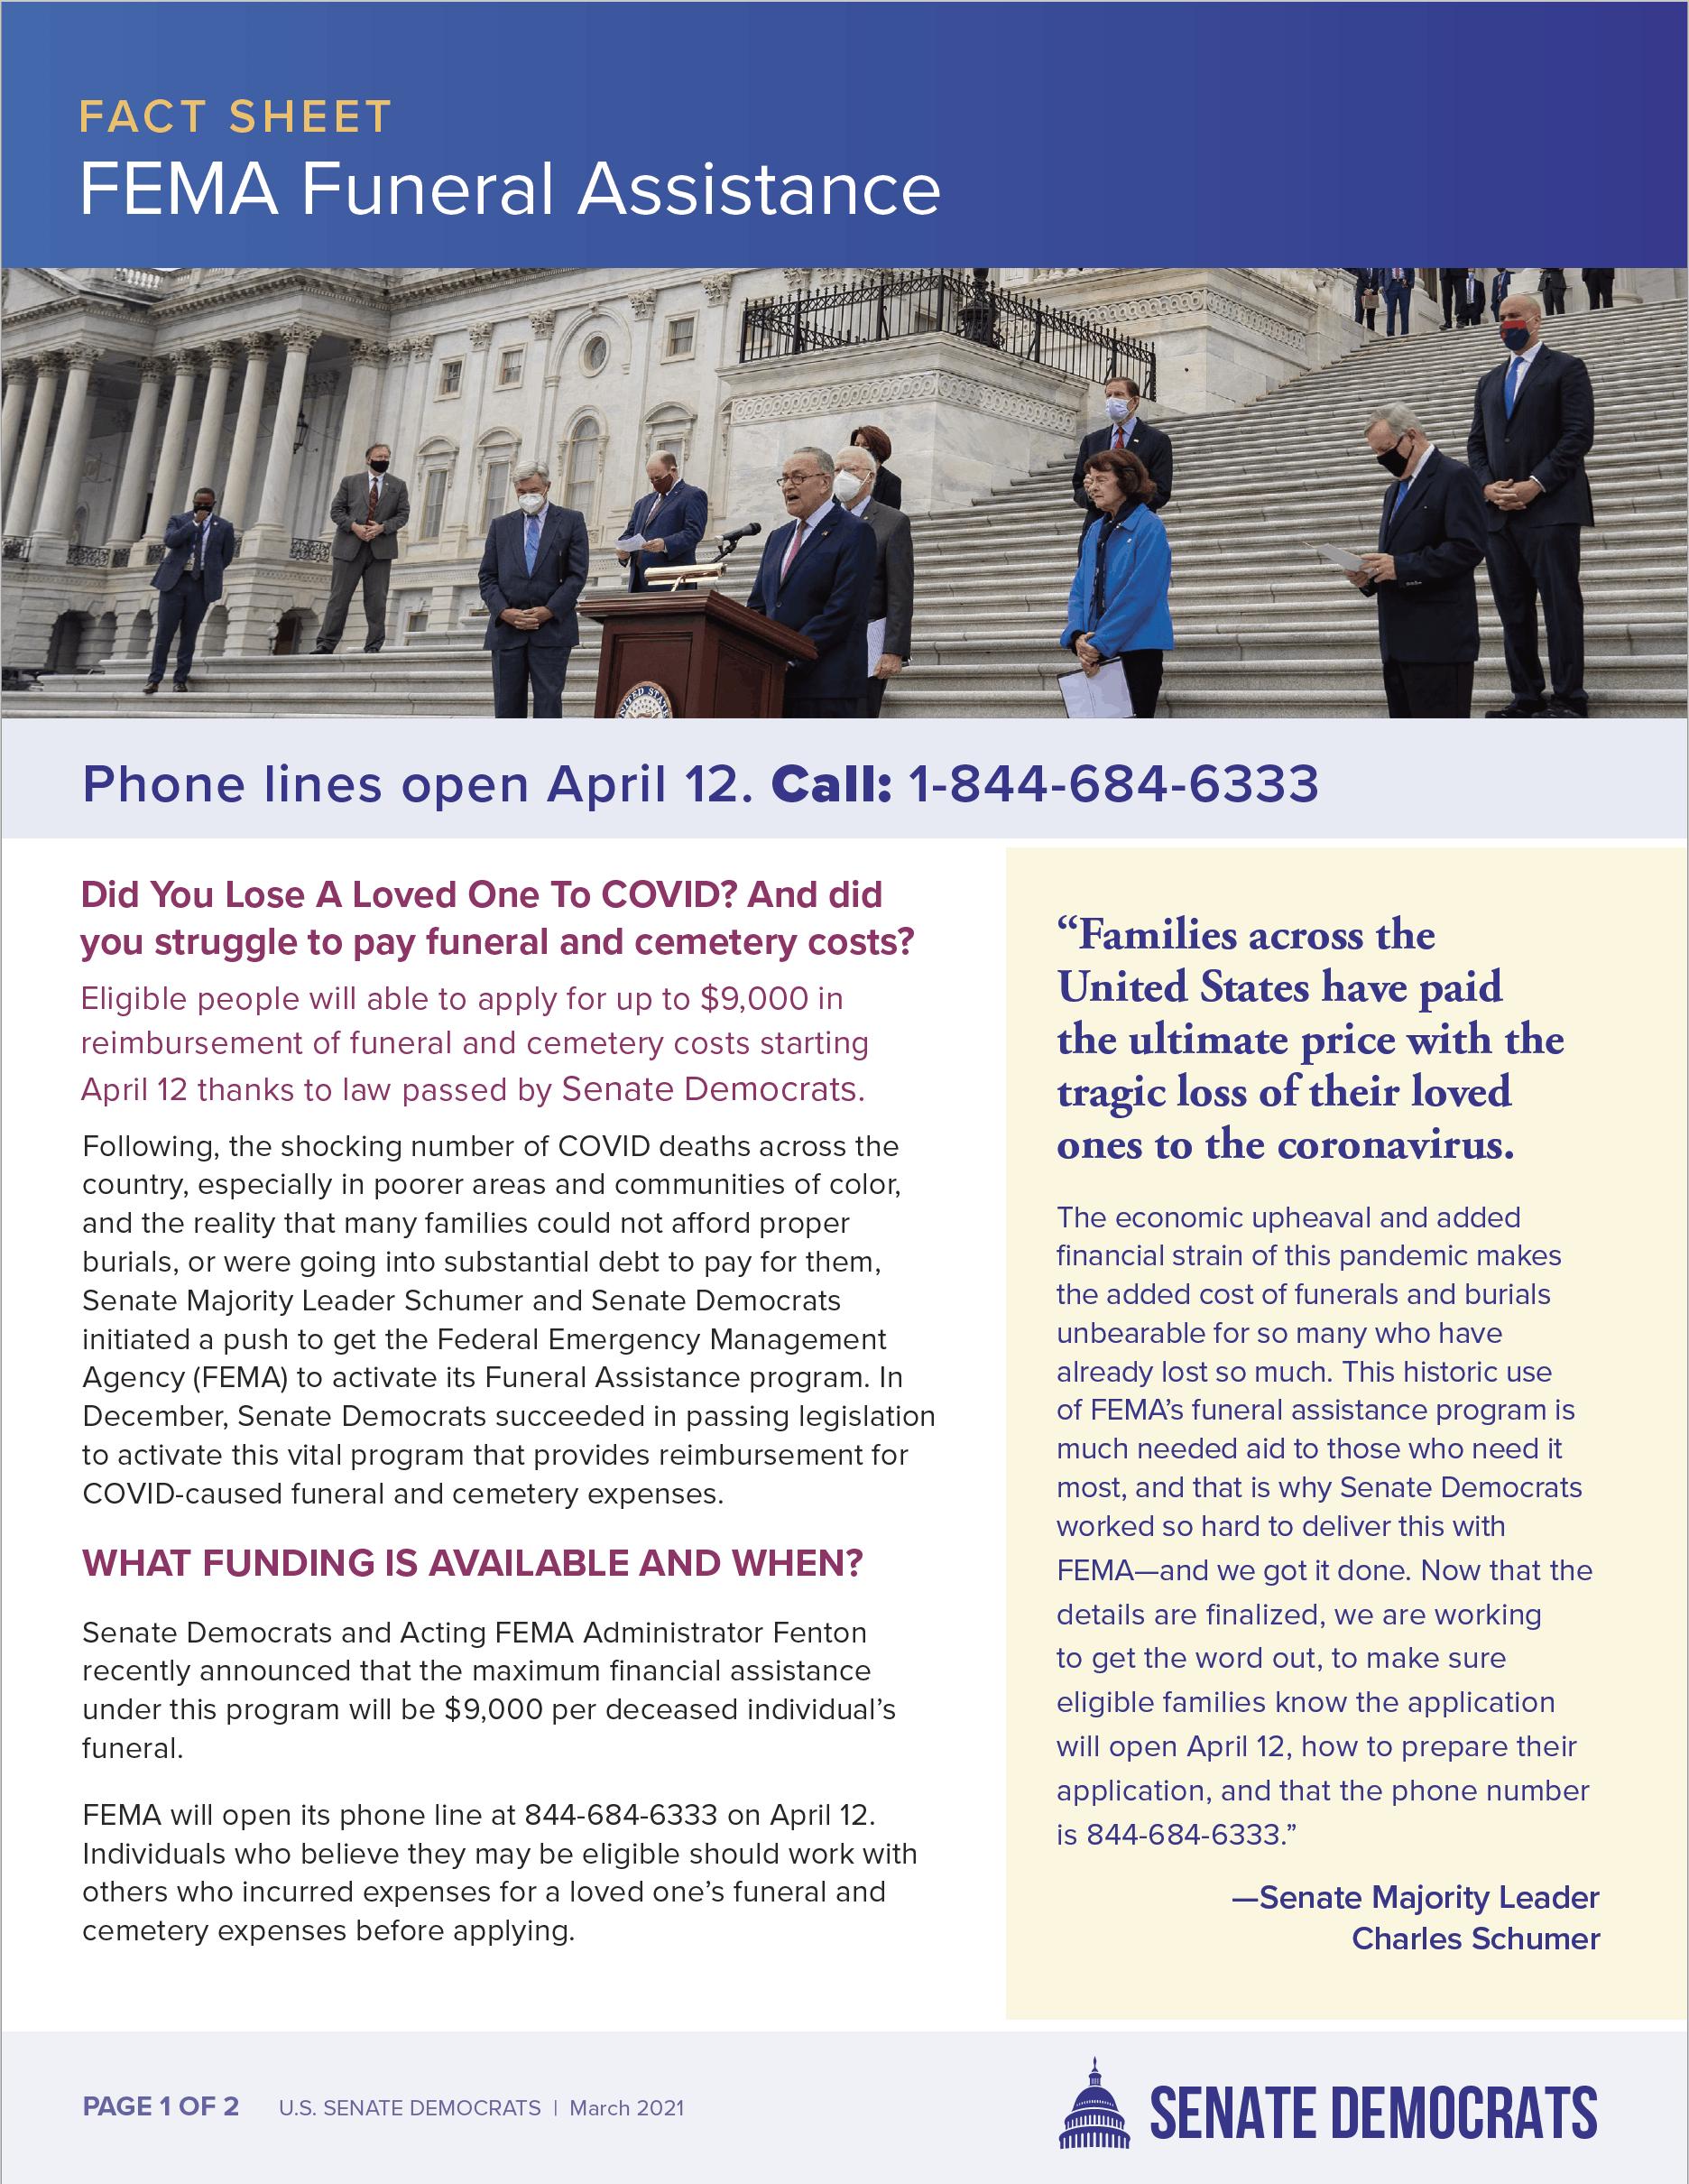 FEMA Funeral Assistance Fact Sheet